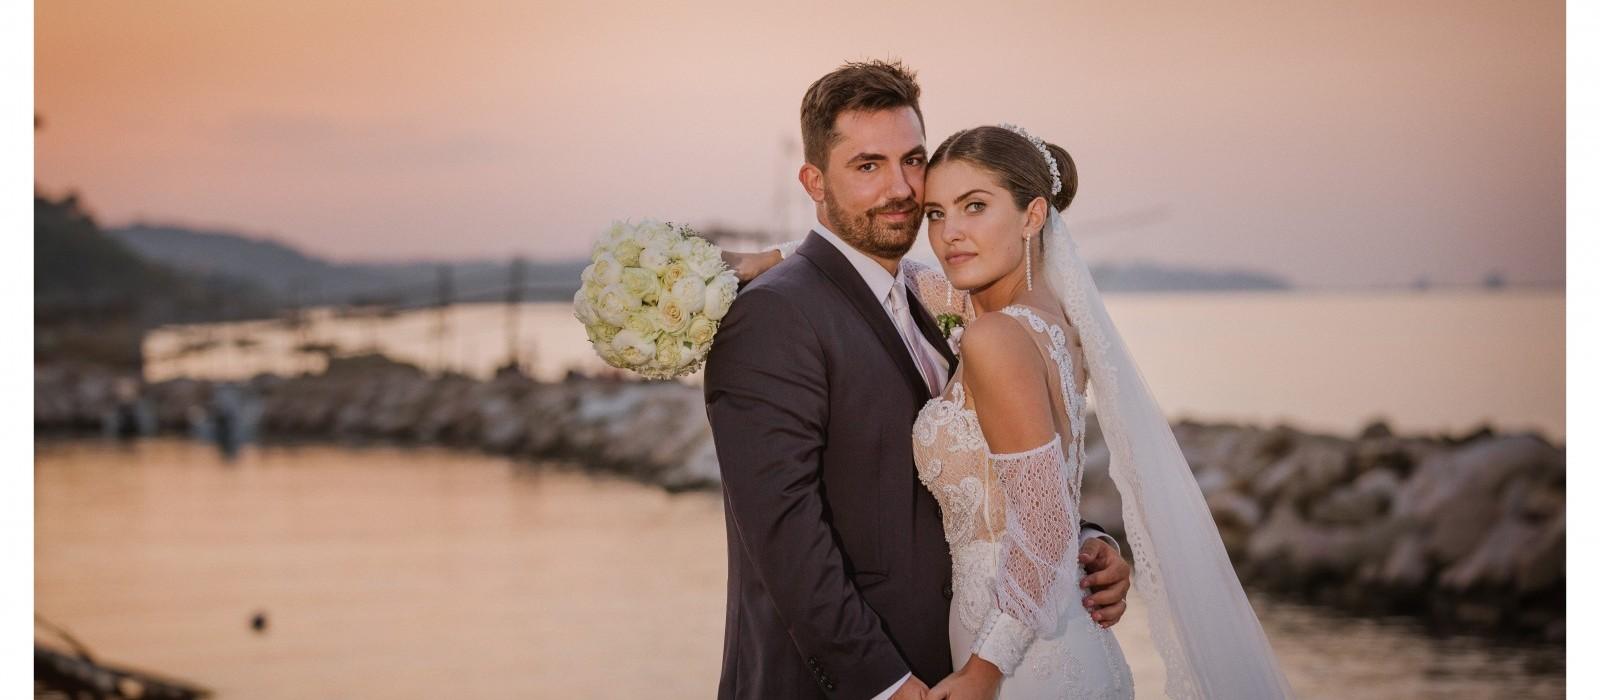 ქართულ-იტალიური სიყვარულის ამბავი